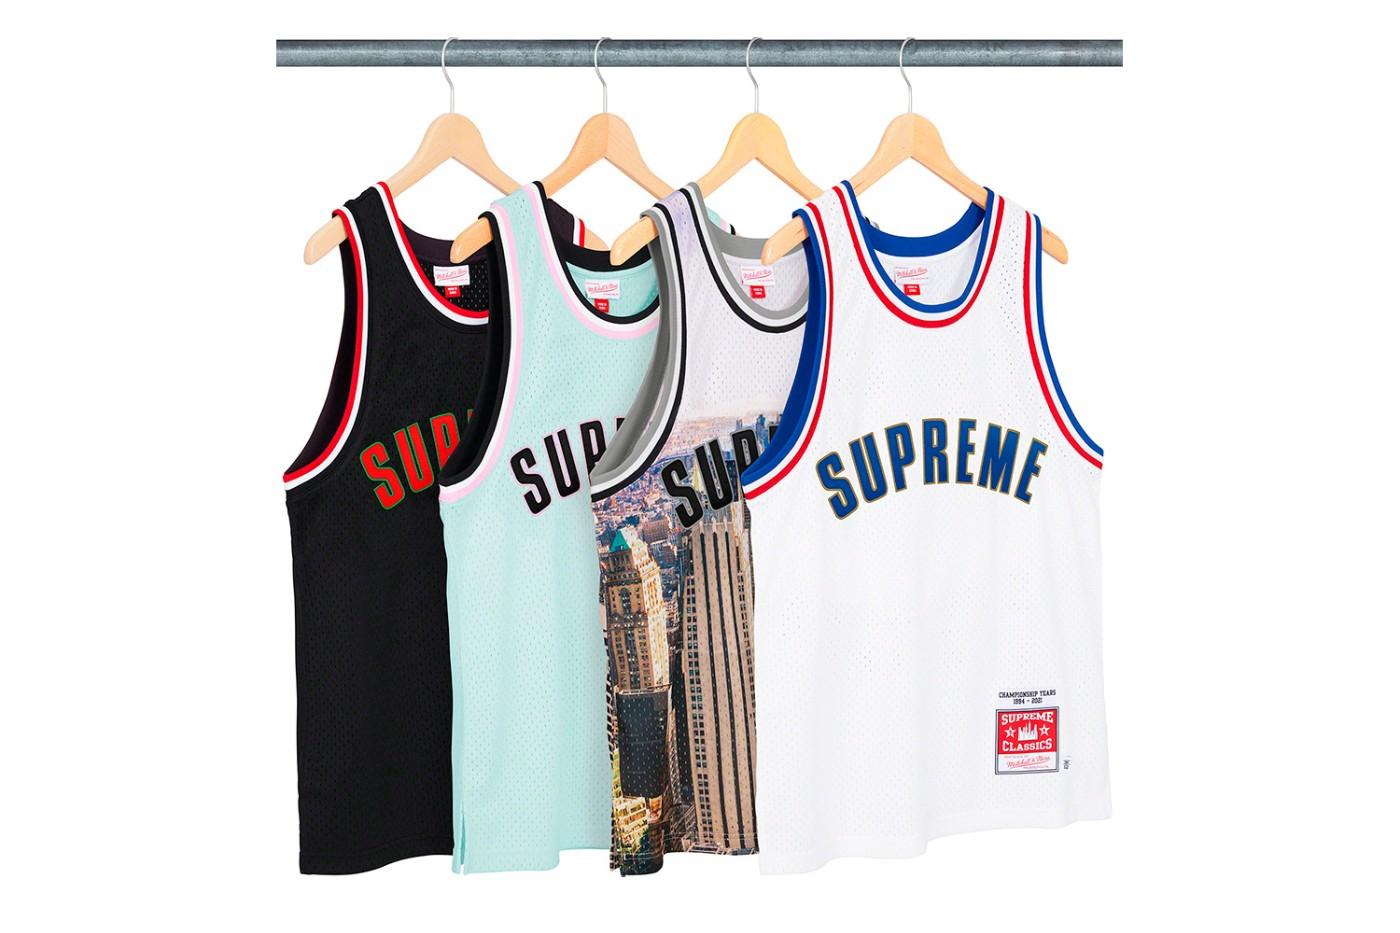 发售,联名,Supreme  Supreme 又有天价联名!这周的发售系列可真是太顶了!